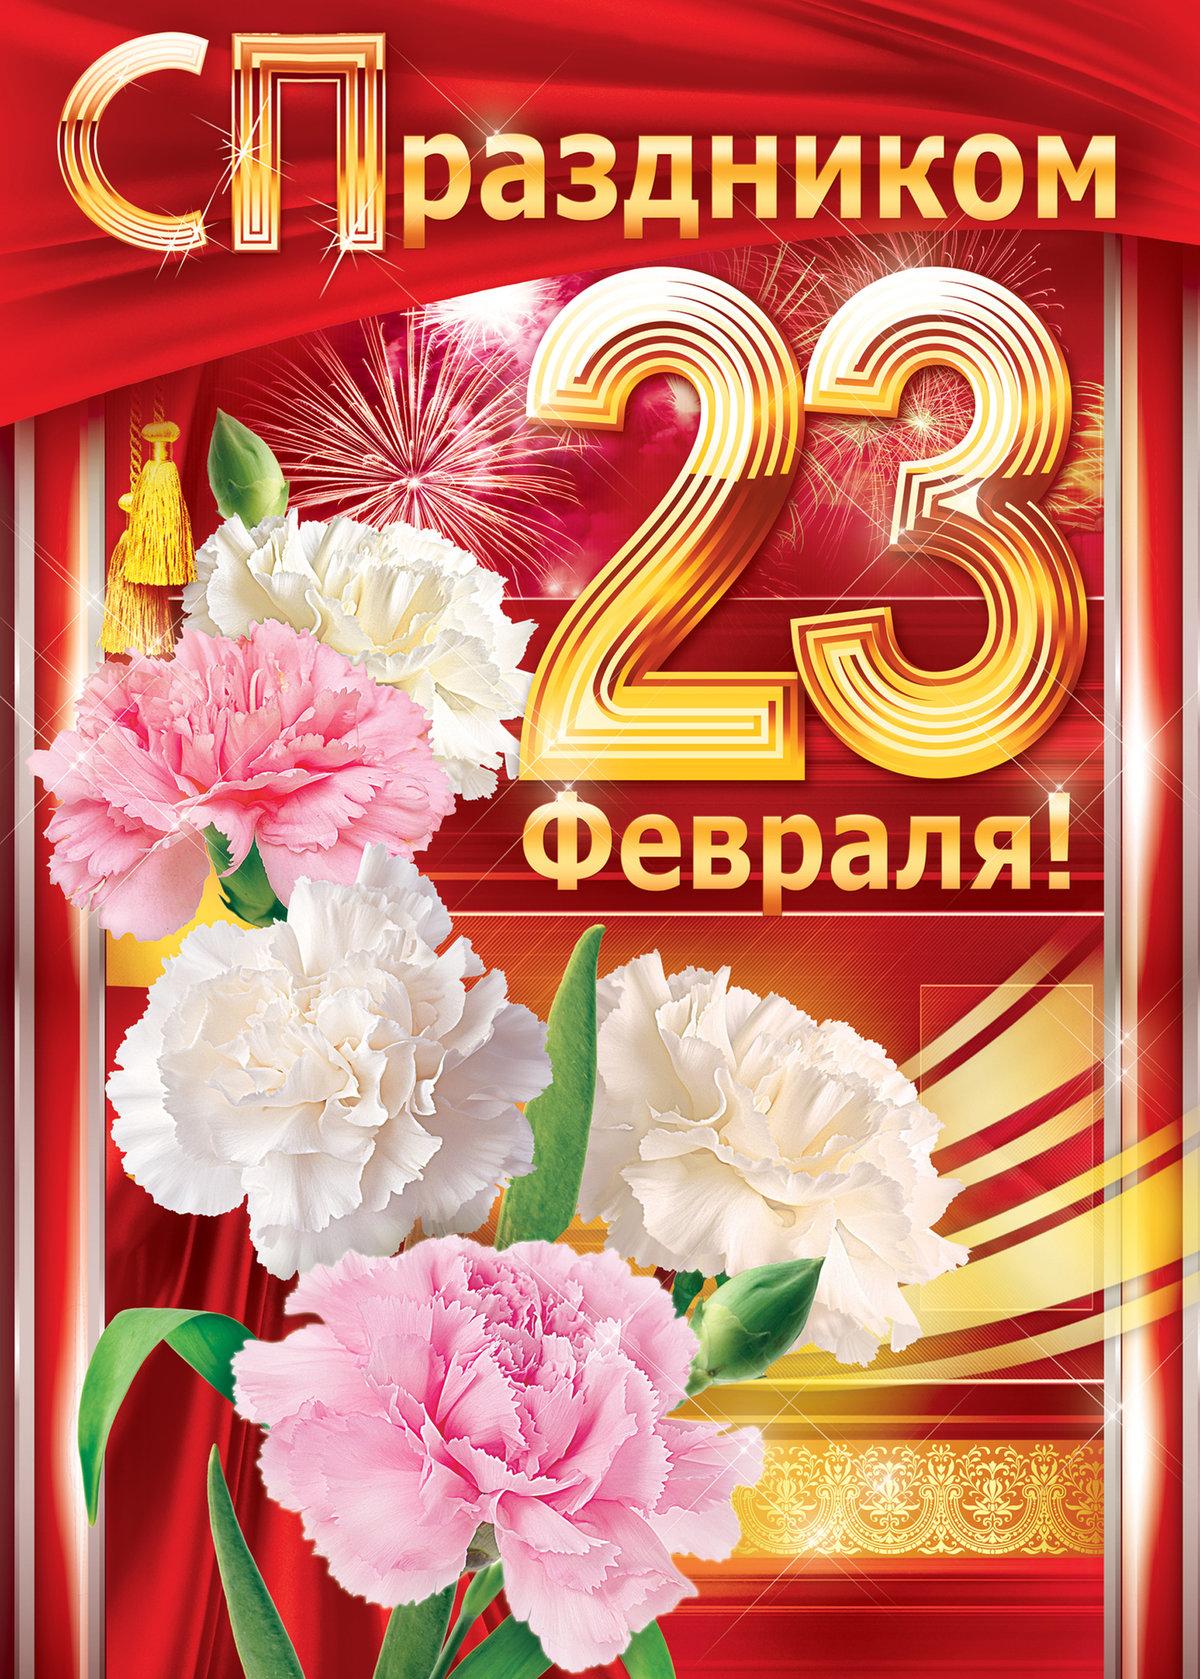 ❶С 23 февраля картинки красивые|Девушки рожденные 23 февраля|Красивая открытка мужчине на 23 февраля | цветы | Pinterest | February and Cards|Картинки выздоравливай GIF|}